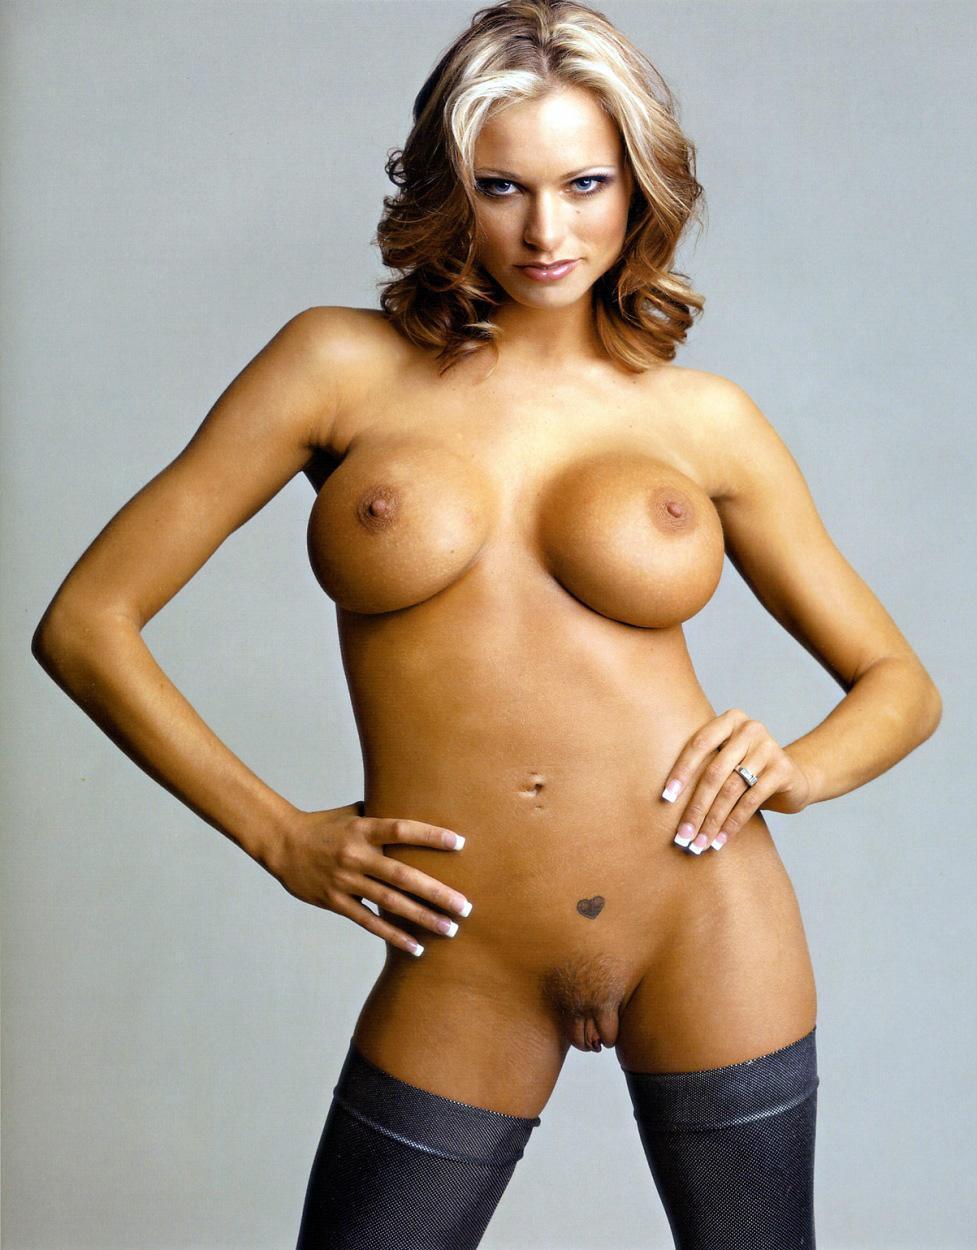 Briana evigan nude fakes porn